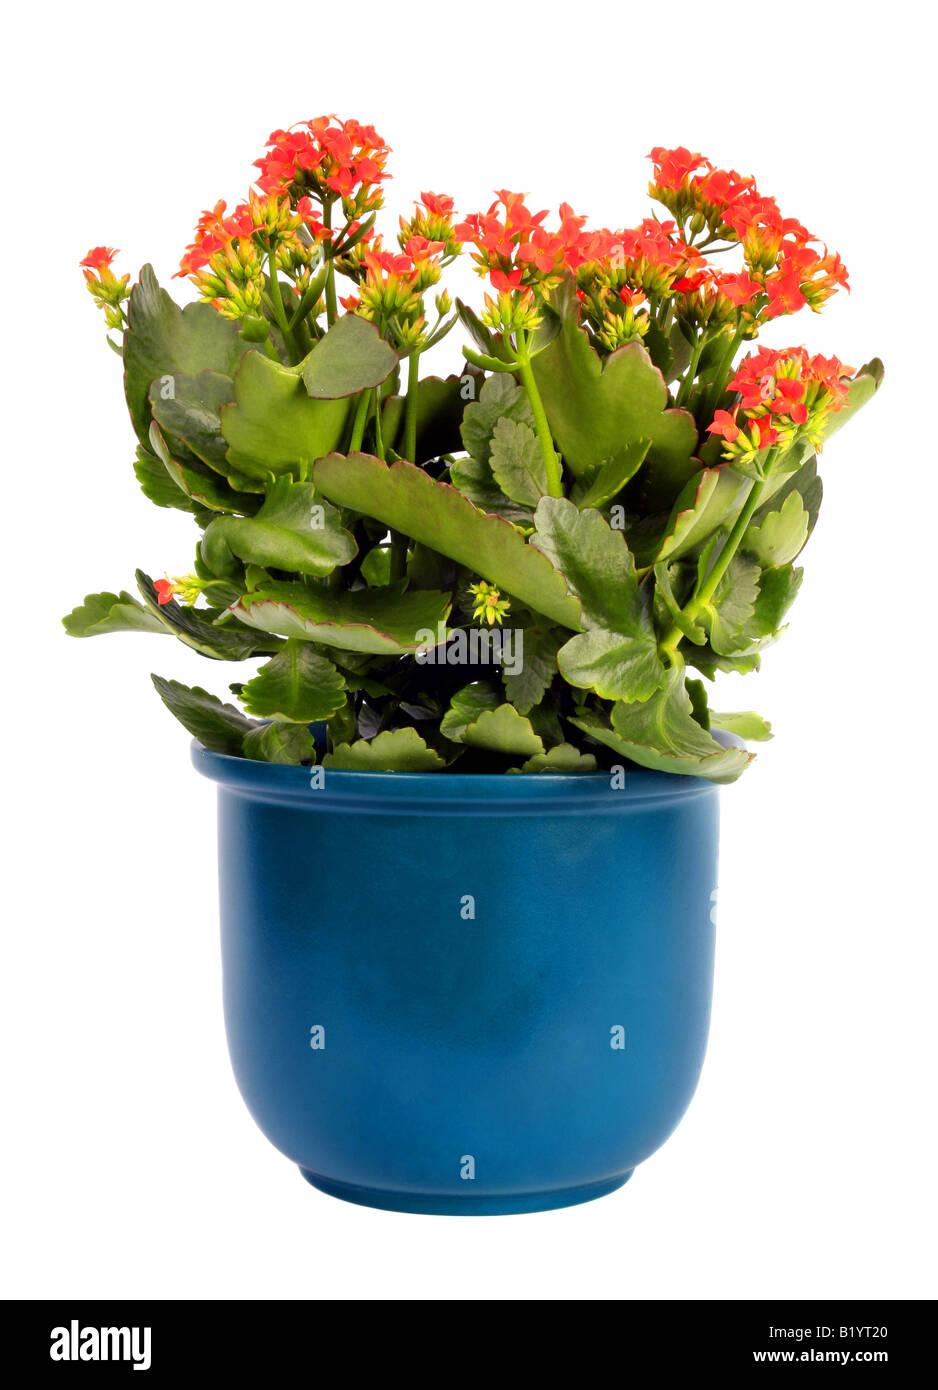 brillante sterne flammenden katy madagaskar witwe s begeistern kalanchoe blossfeldiana mit orange blumen topfpflanzen pflanze - Blumen Im Topf Pflanzen